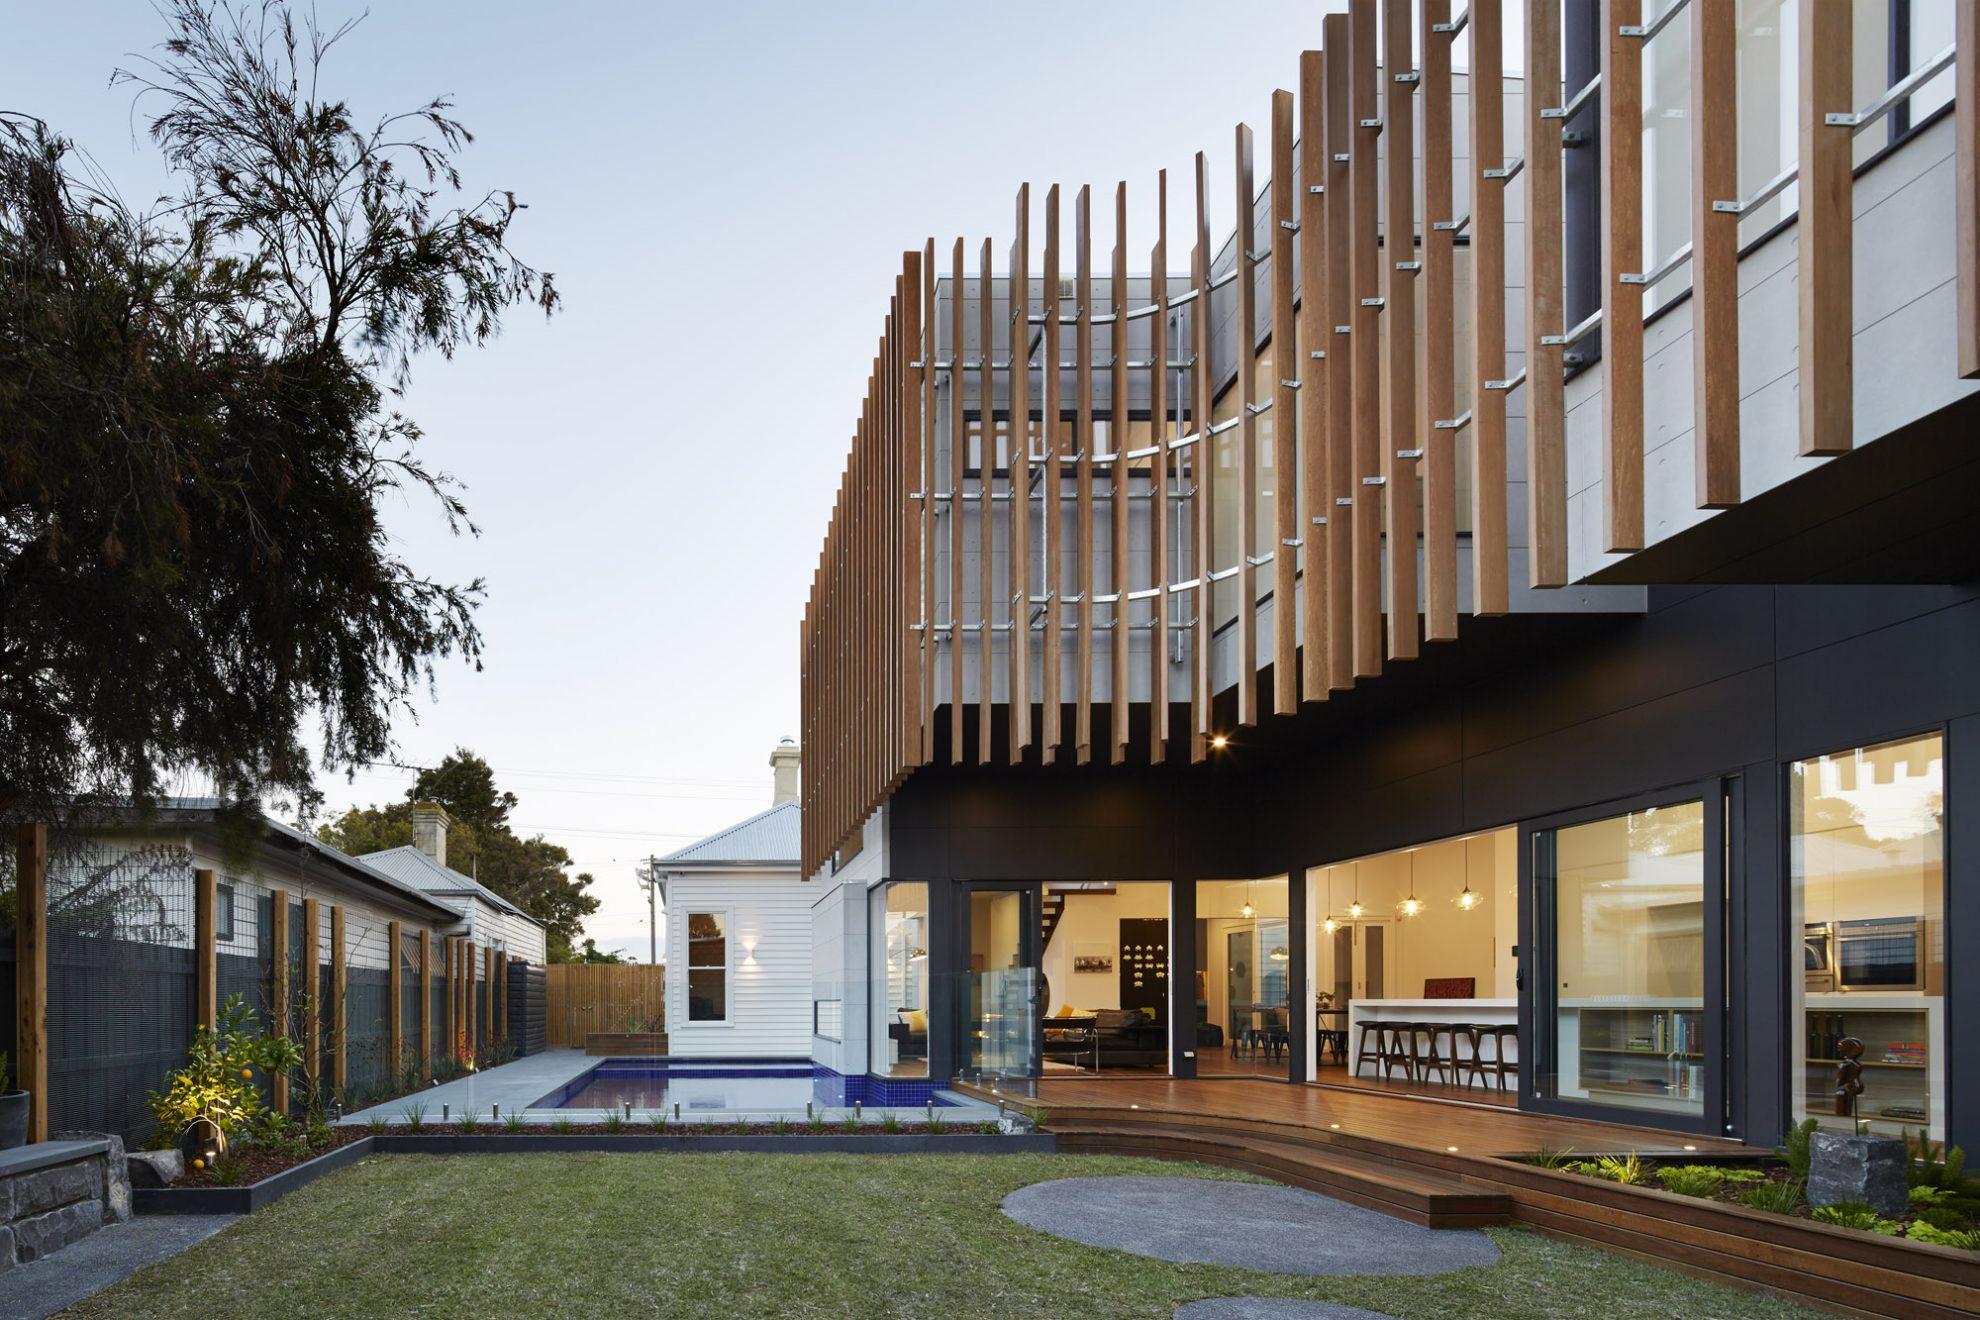 Architecturally Designed Home Melbourne